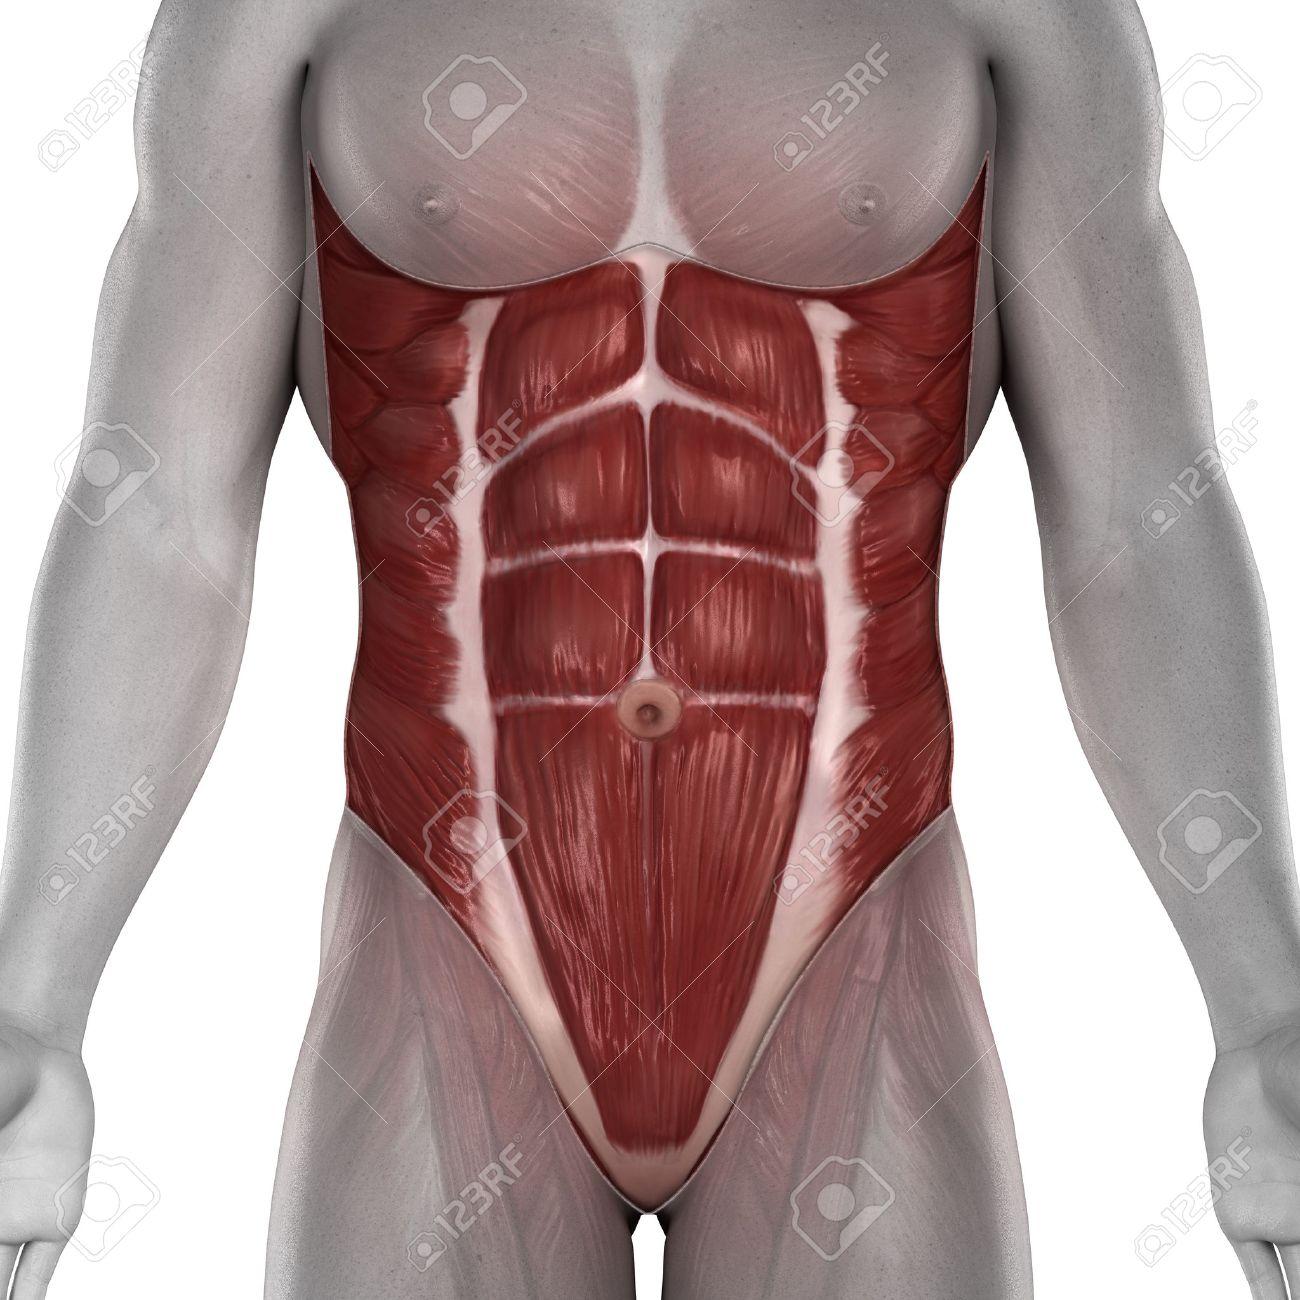 Männlich Bauchmuskeln Anatomie Isoliert Lizenzfreie Fotos, Bilder ...